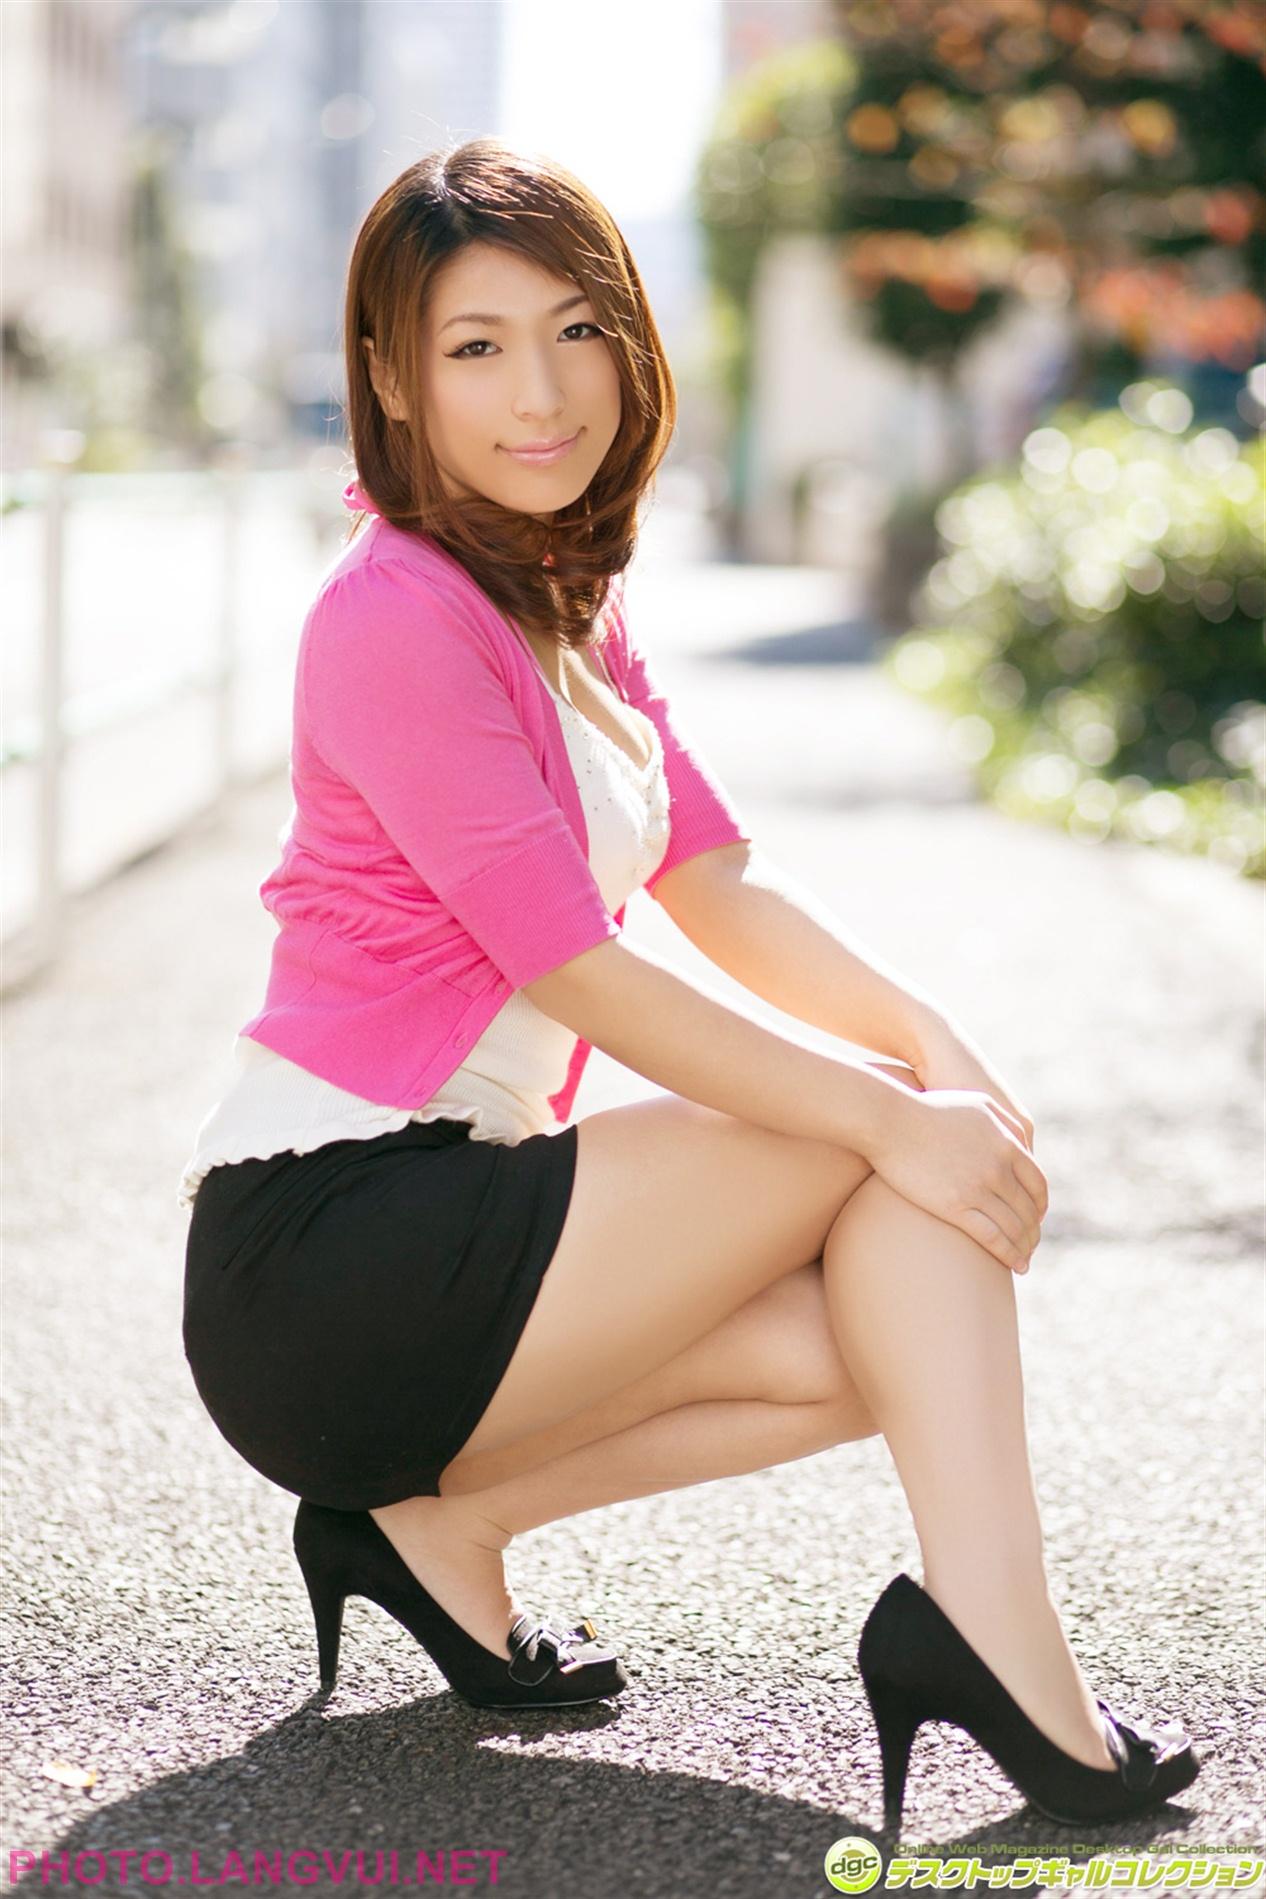 DGC No 1201 Nami Hoshino